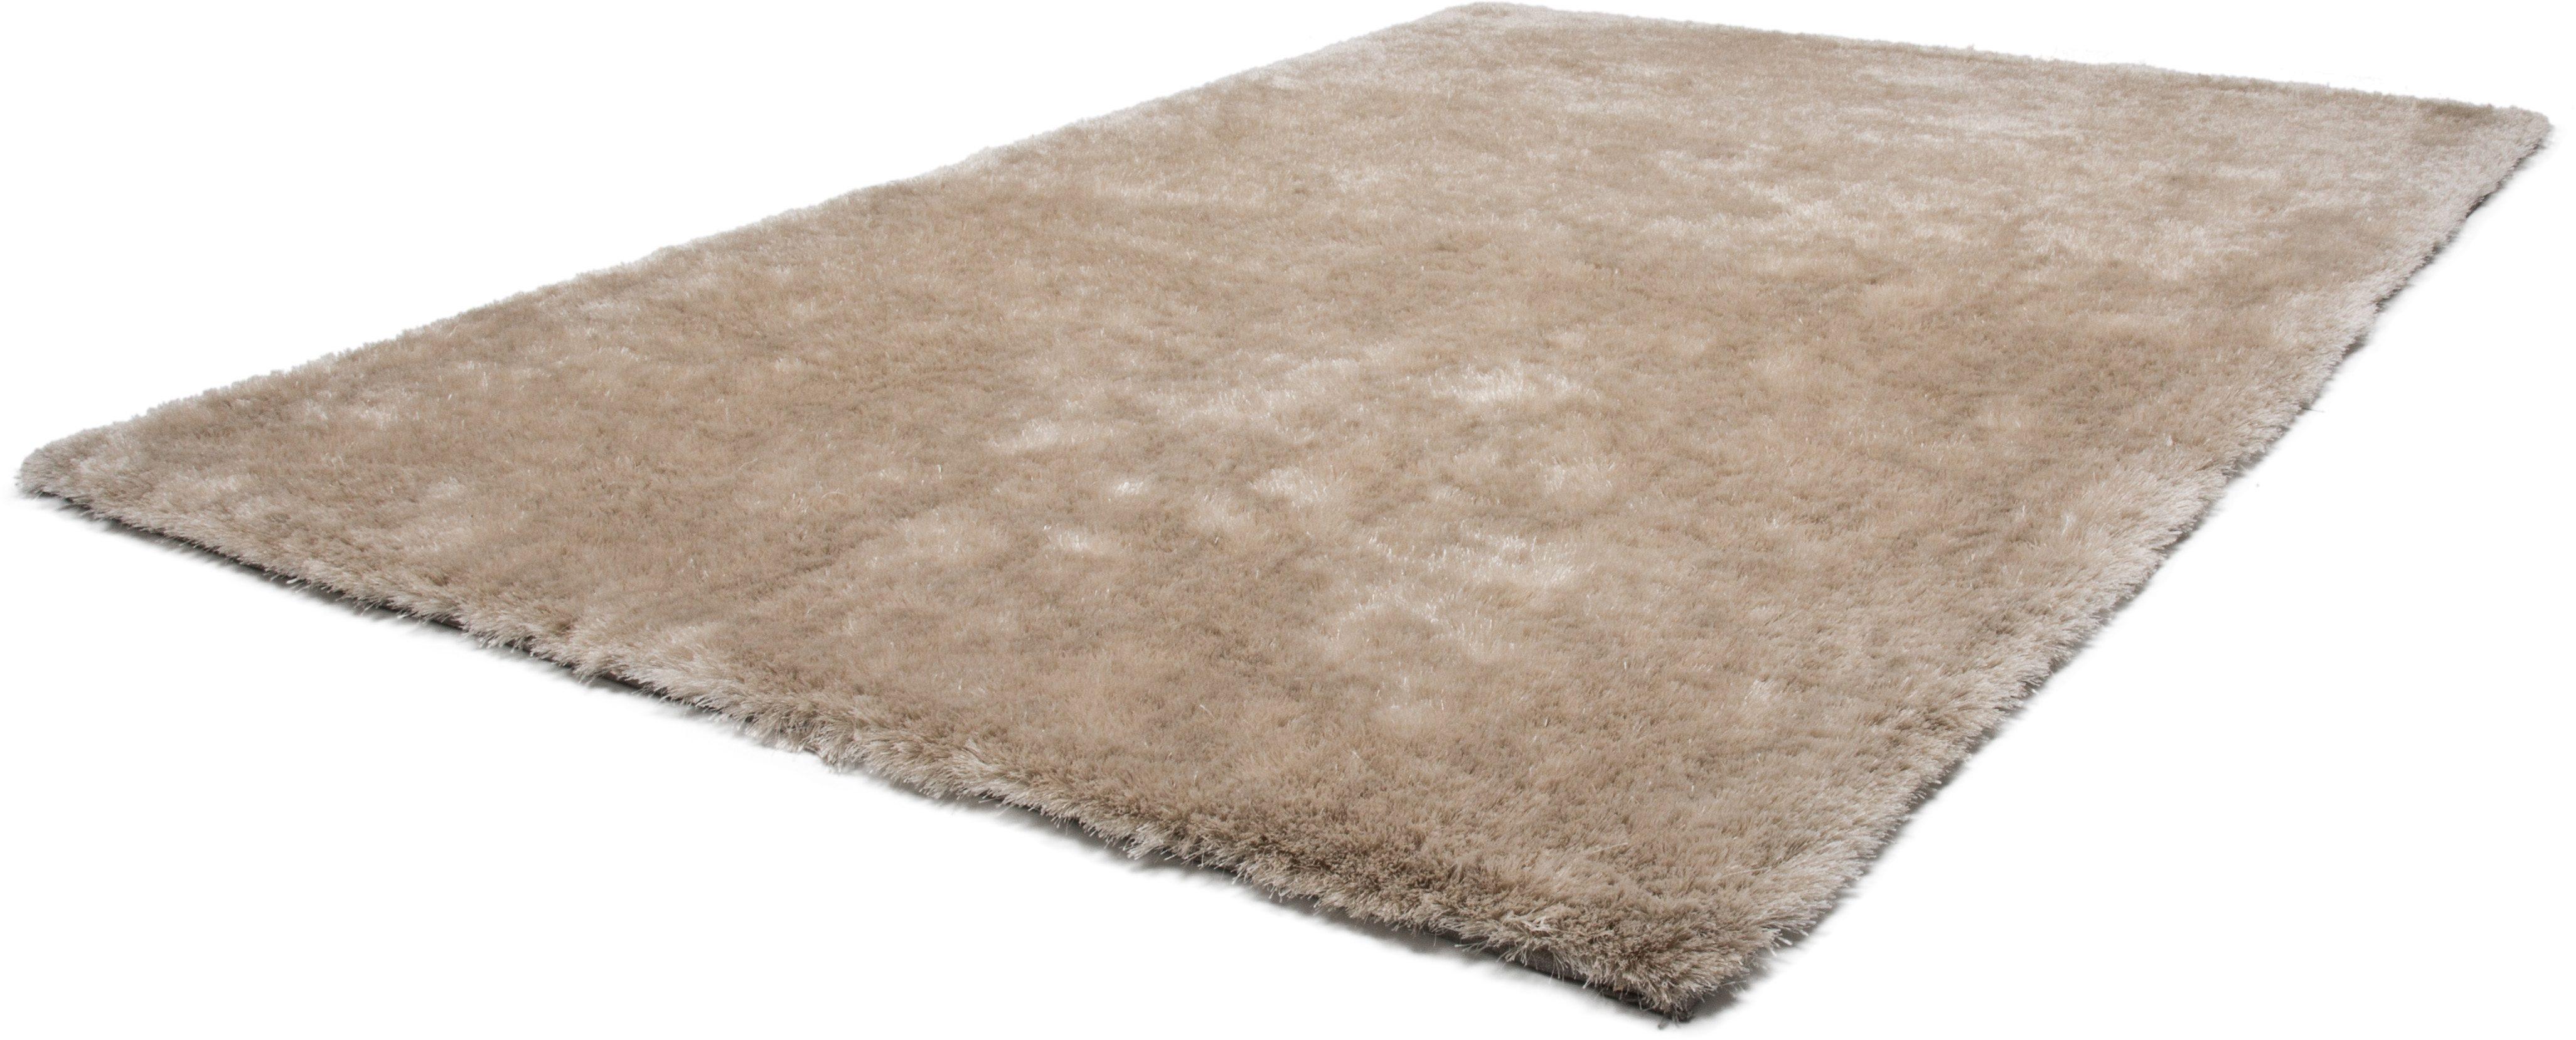 Erstaunlich Hochflor-Teppich online kaufen » Langflor-Teppich | OTTO JS51